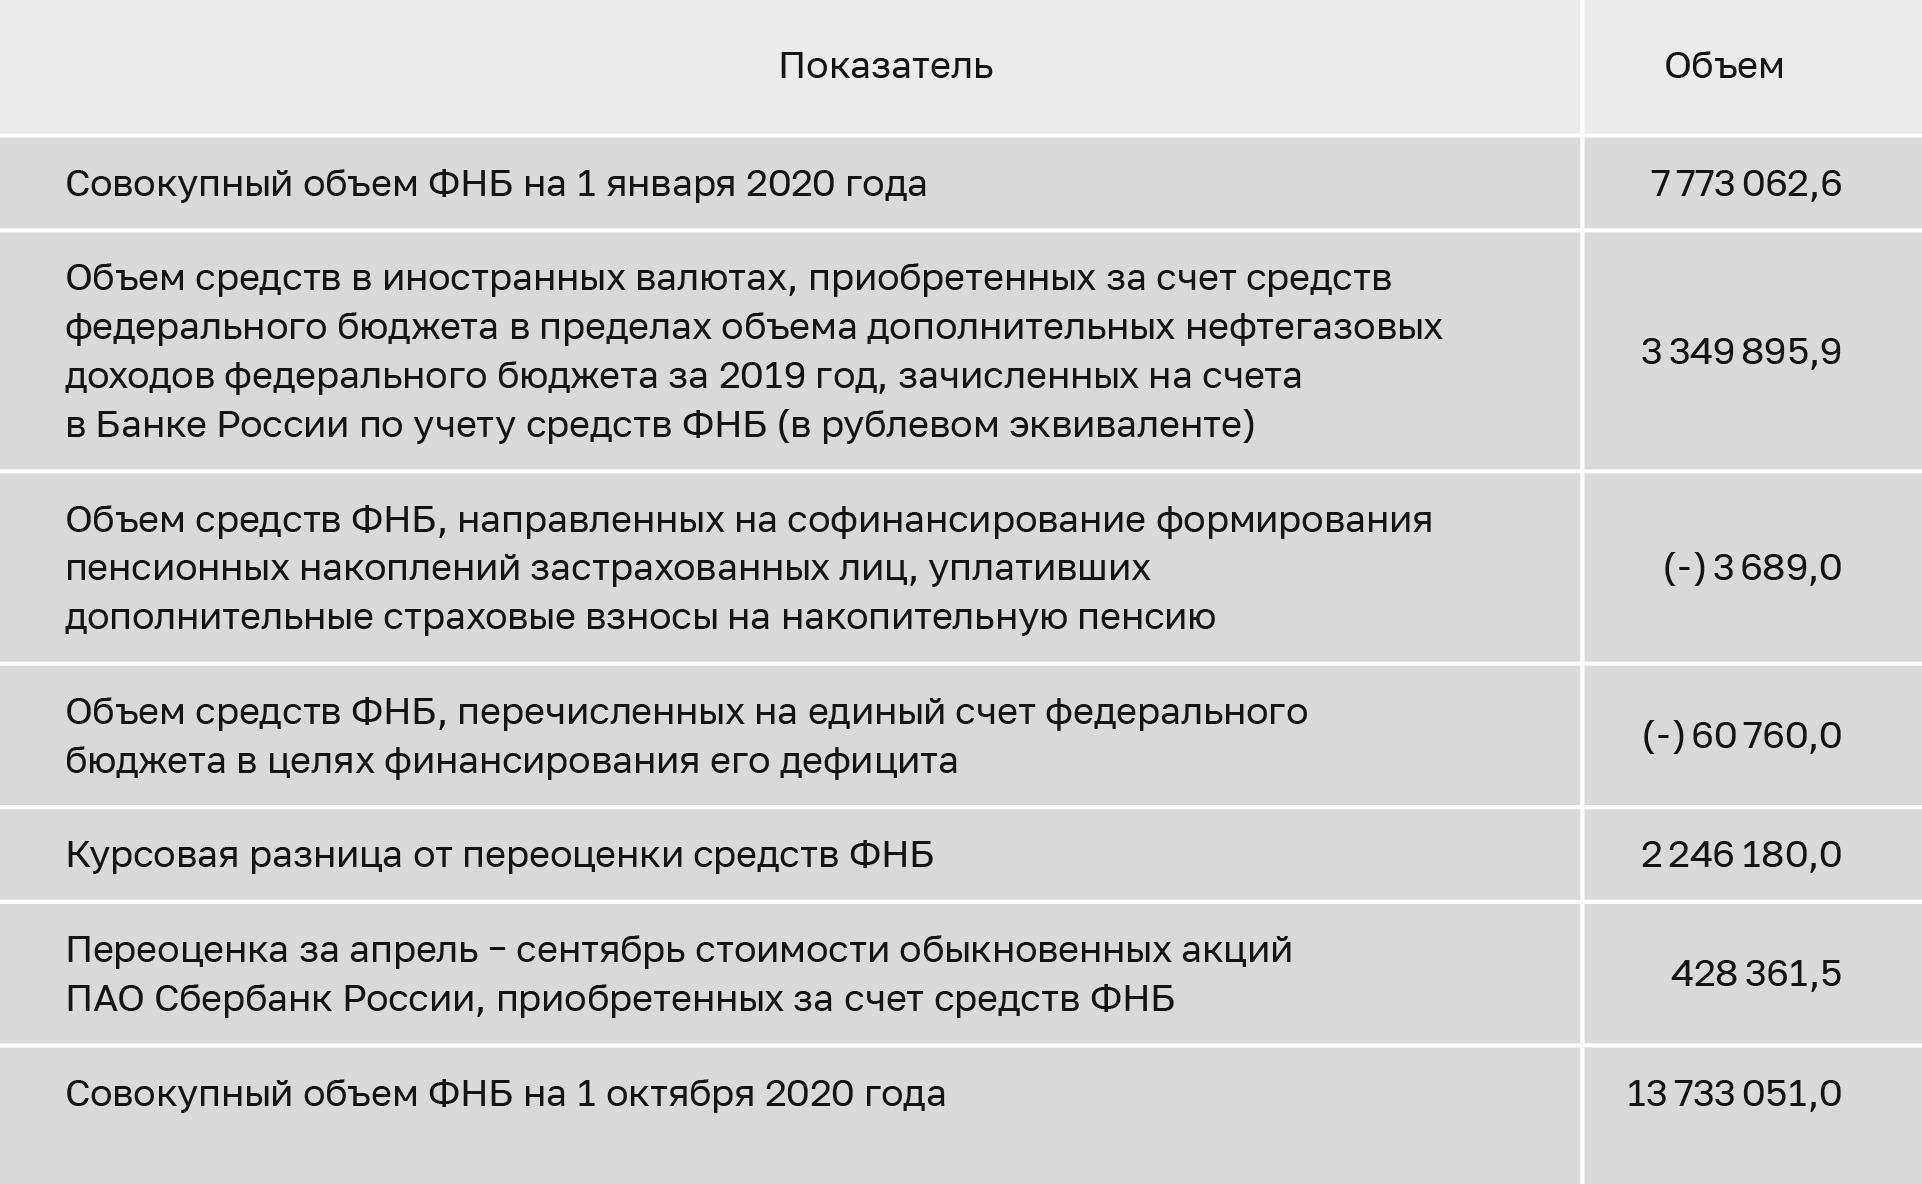 Как использовались средства ФНБ в 2020 году. Источник: оперативный доклад счетной палаты за январь — сентябрь2020года